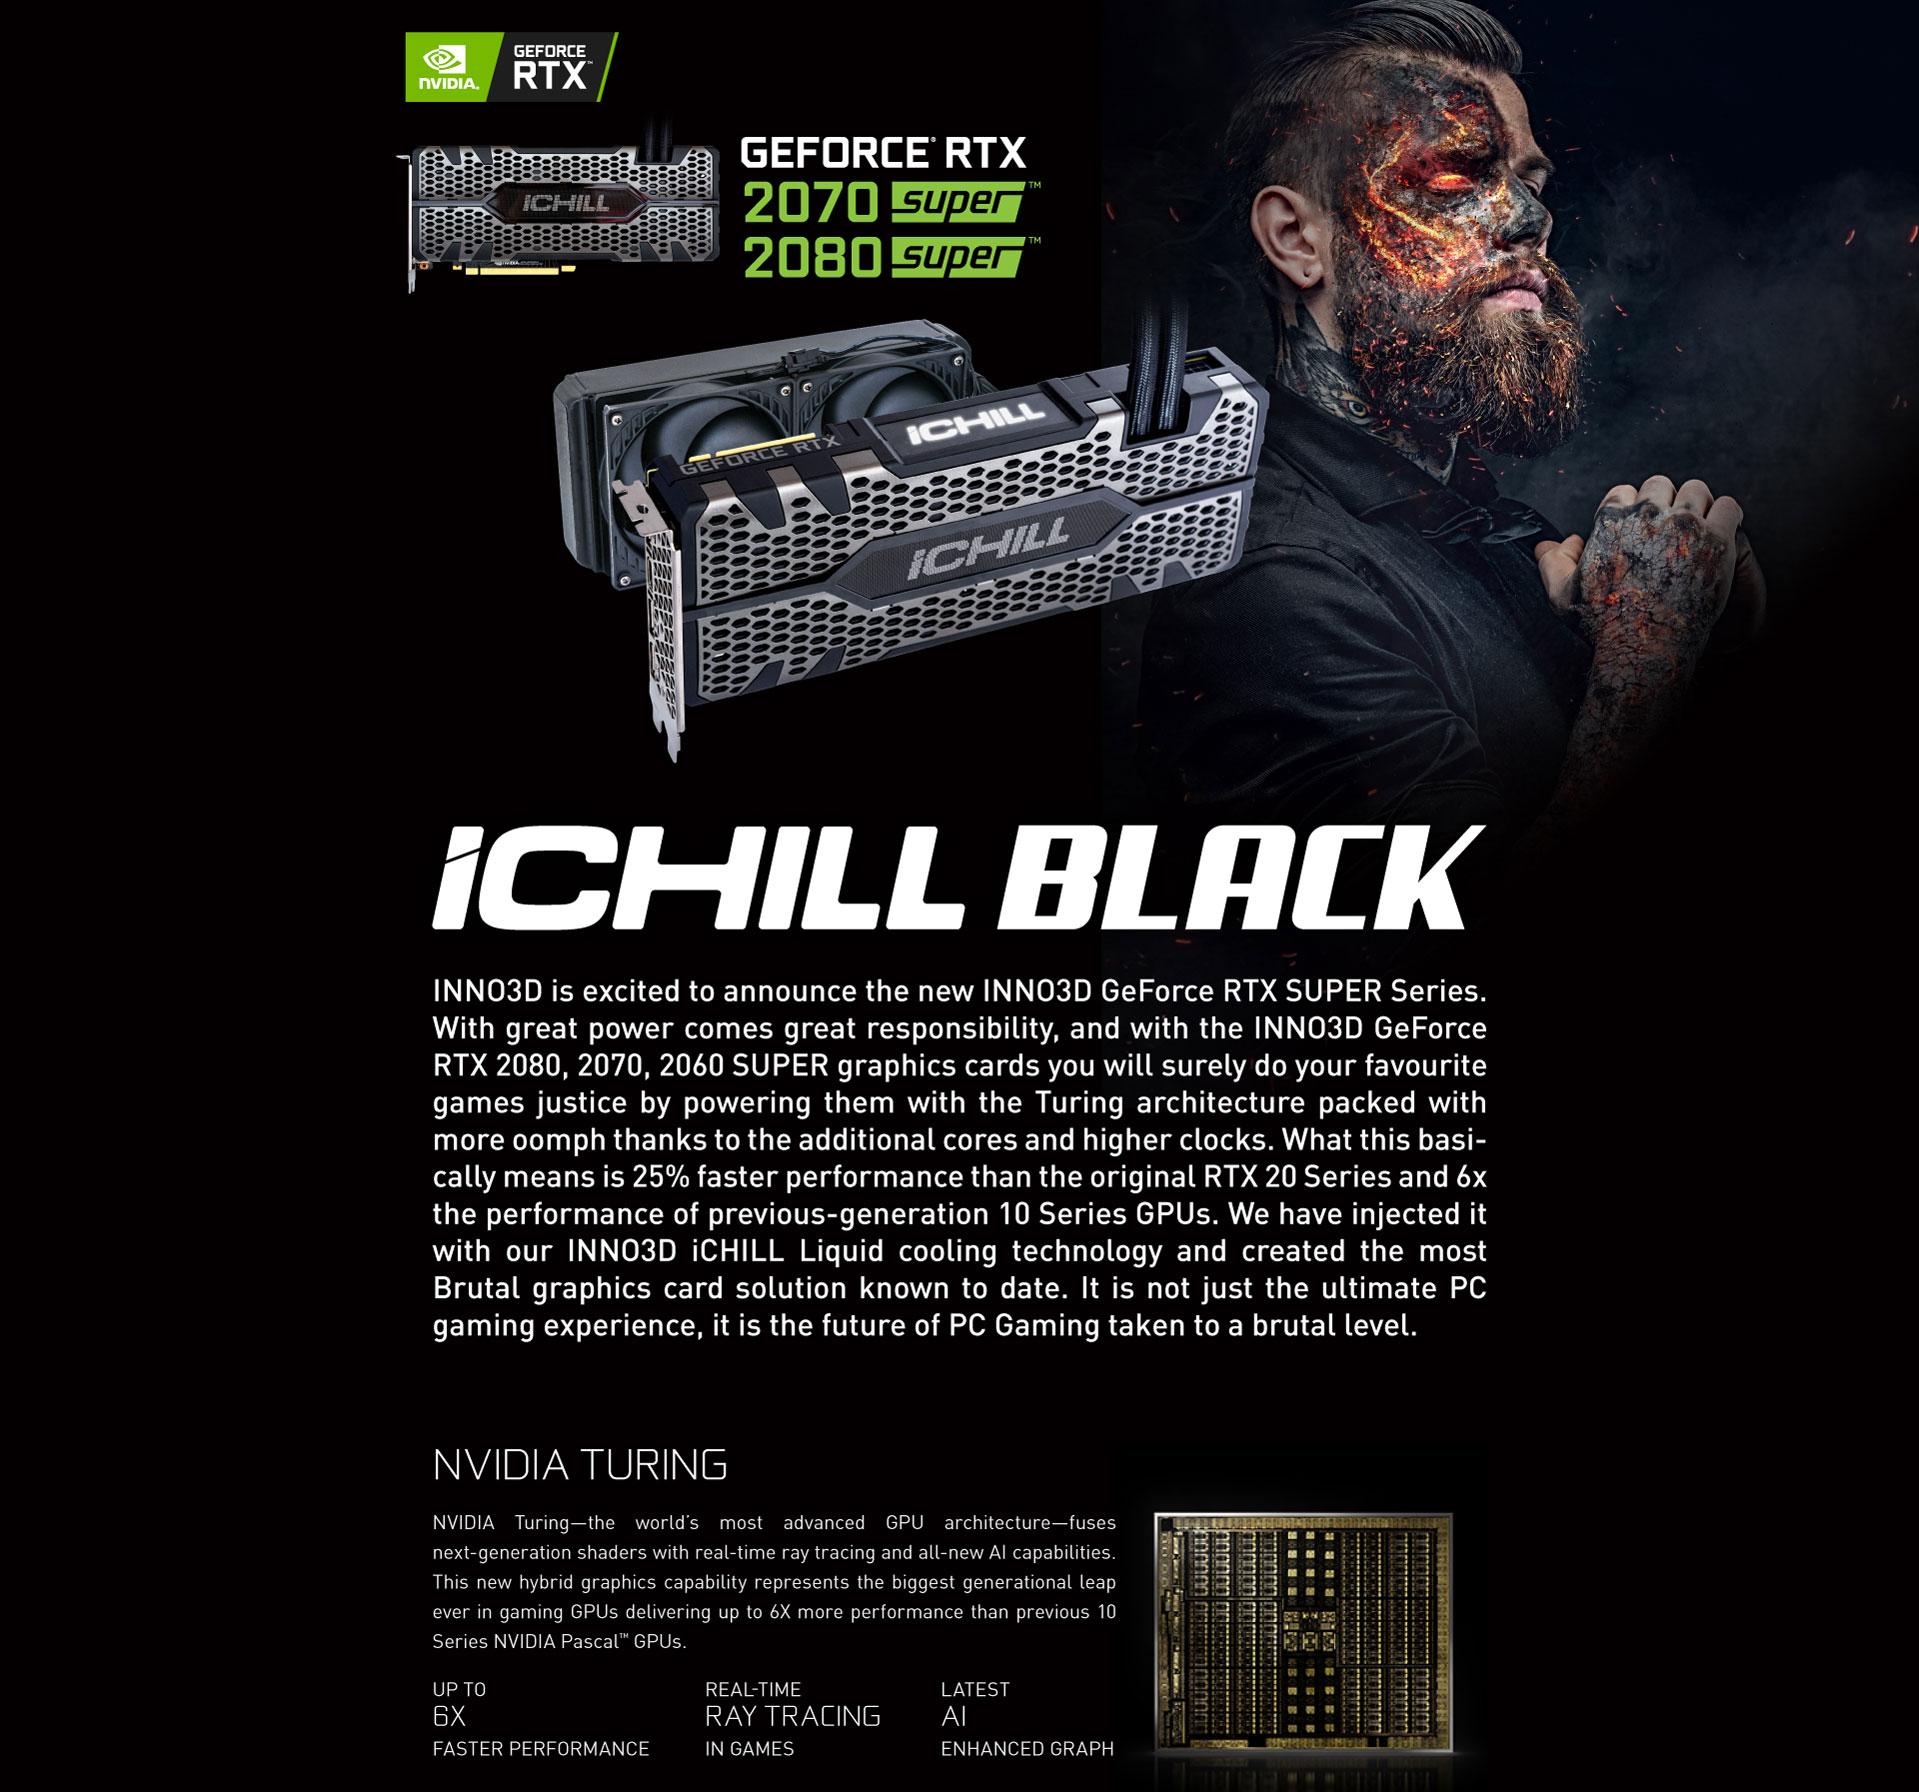 2070_2080Super_iCHILL_Black_1920w-01.jpg (457 KB)